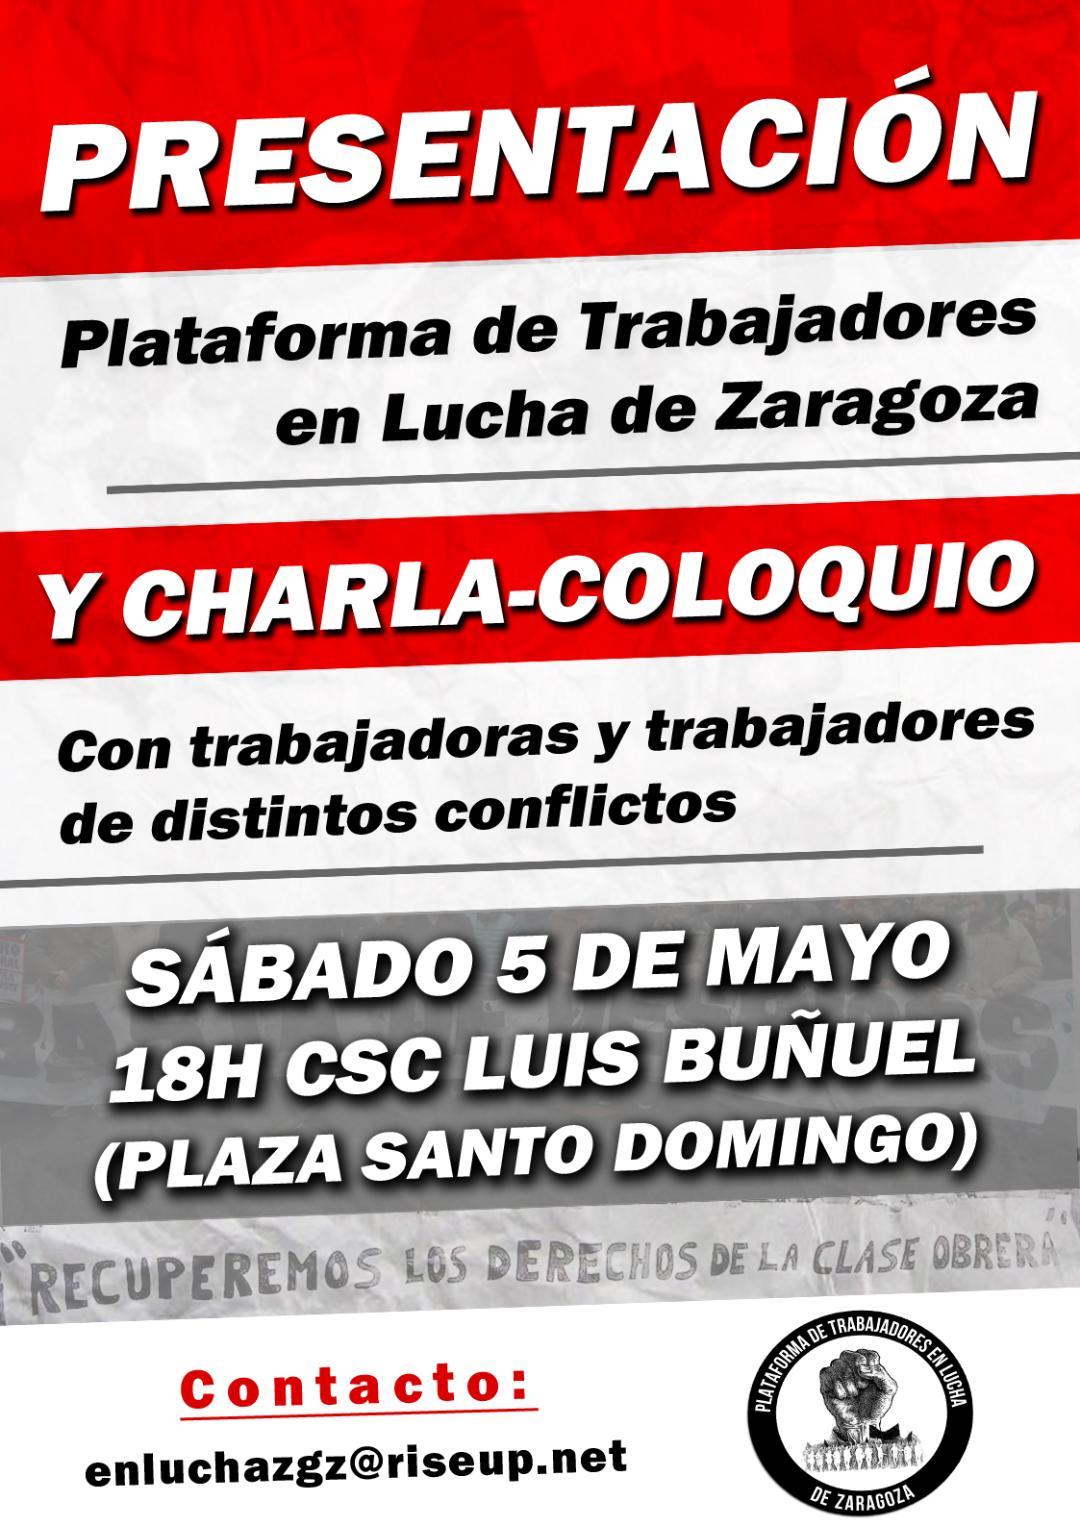 Presentación Plataforma de Trabajadores en Lucha de Zaragoza. Sábado 5 de Mayo